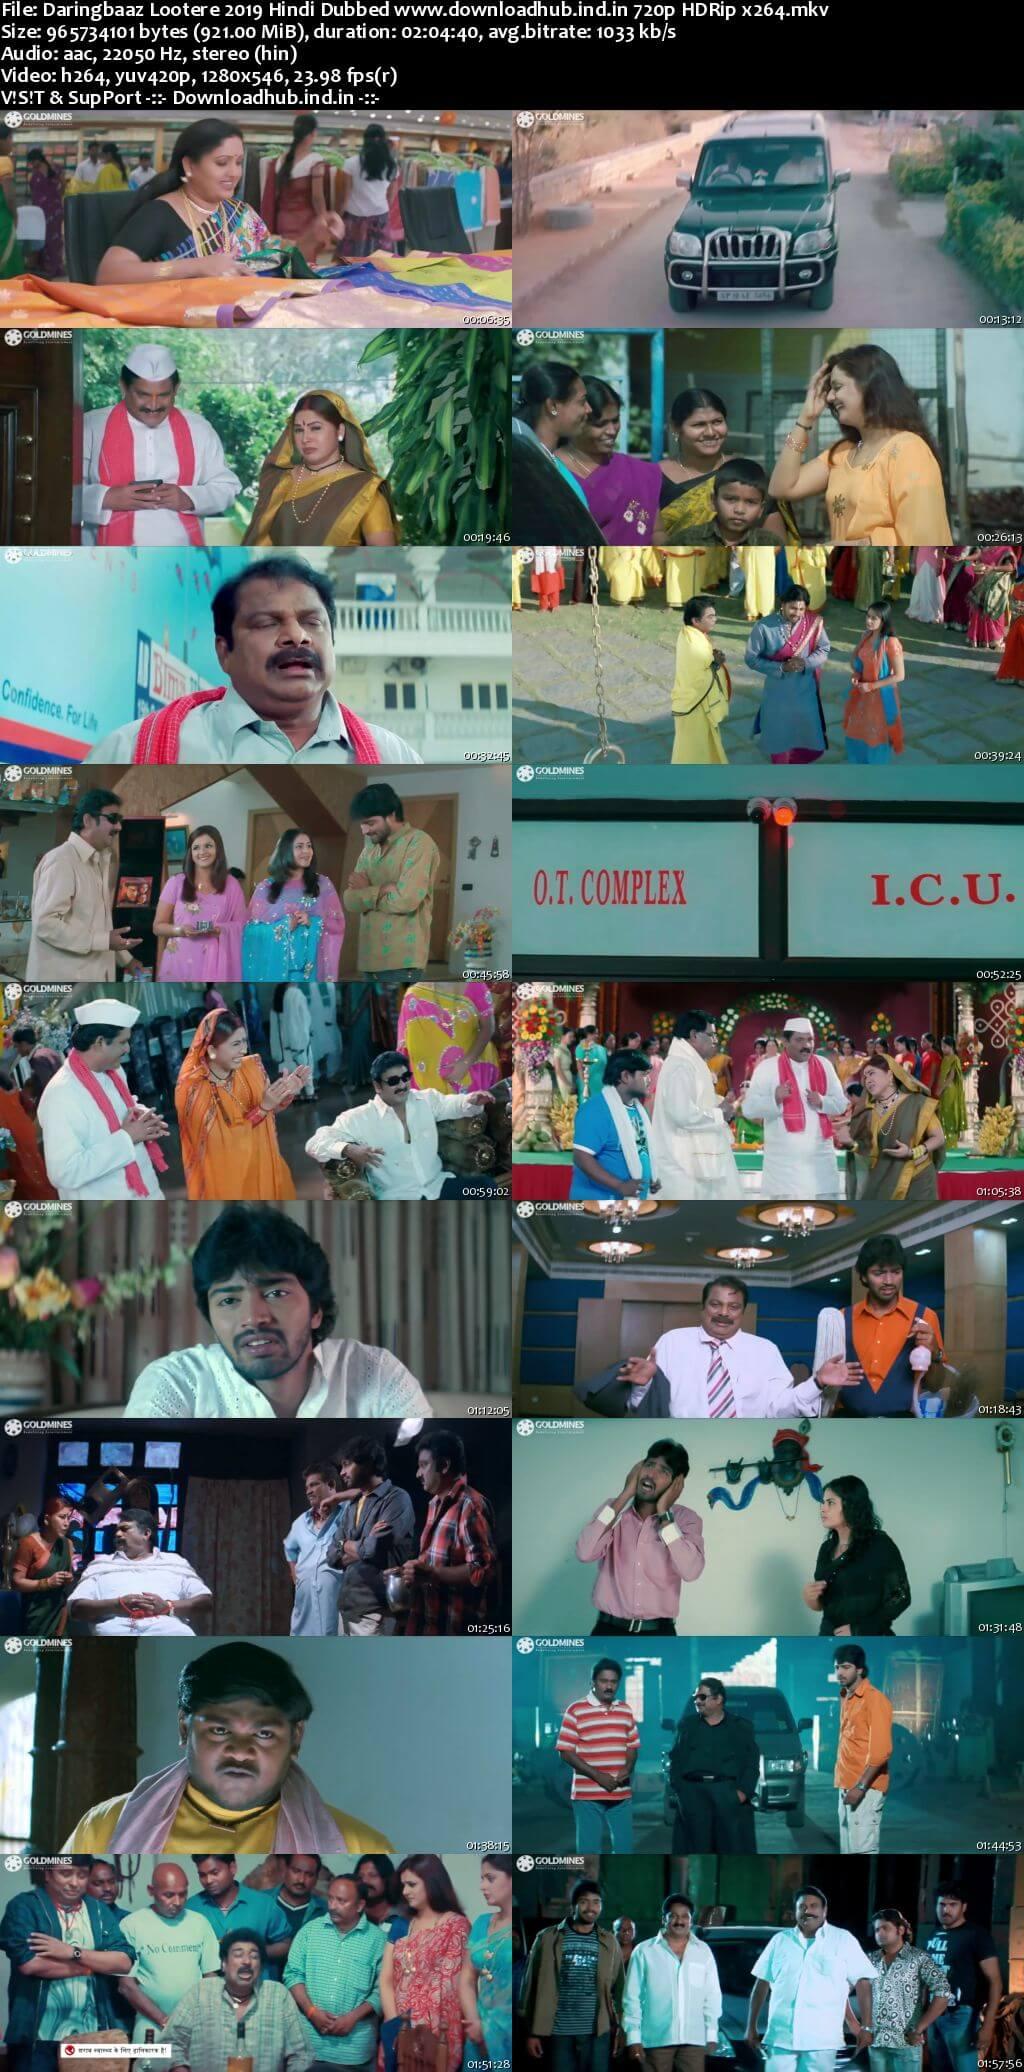 Daringbaaz Lootere 2019 Hindi Dubbed 720p HDRip x264